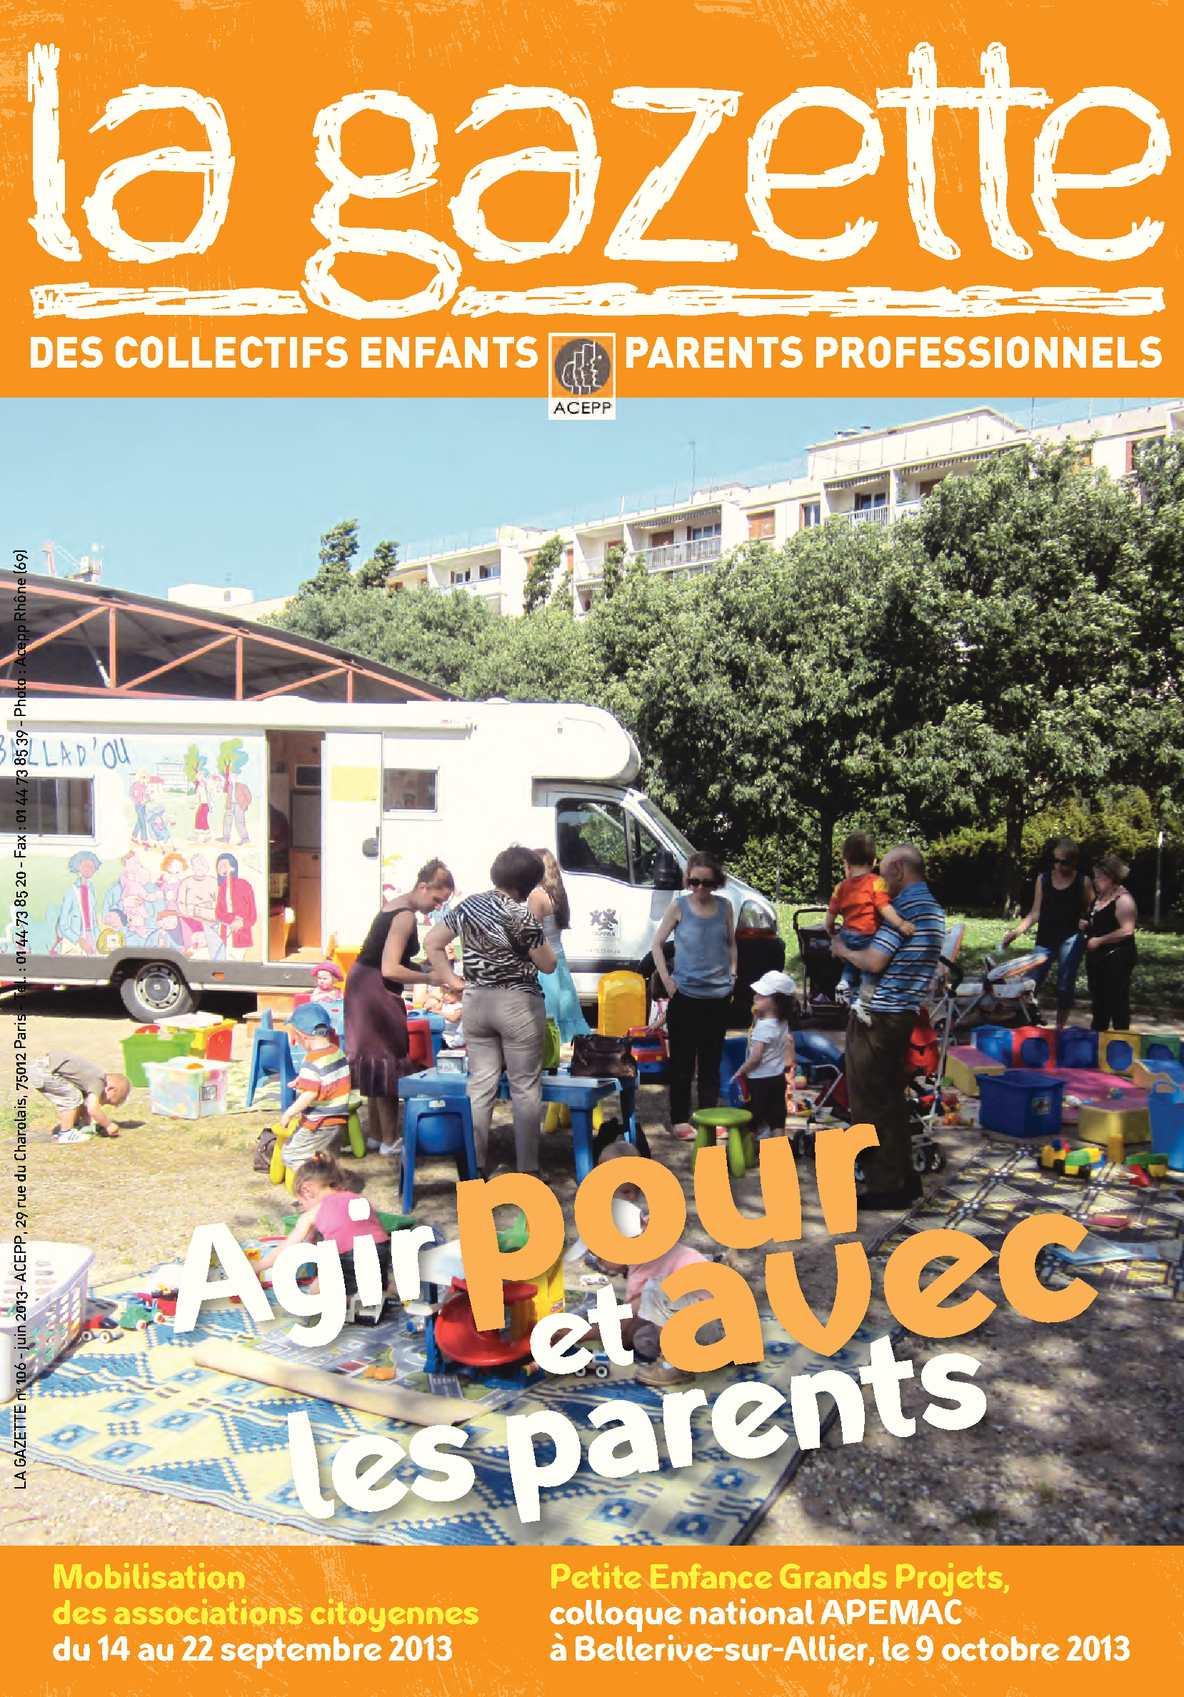 rencontre institutionnelle et professionnelle de la petite enfance 2014